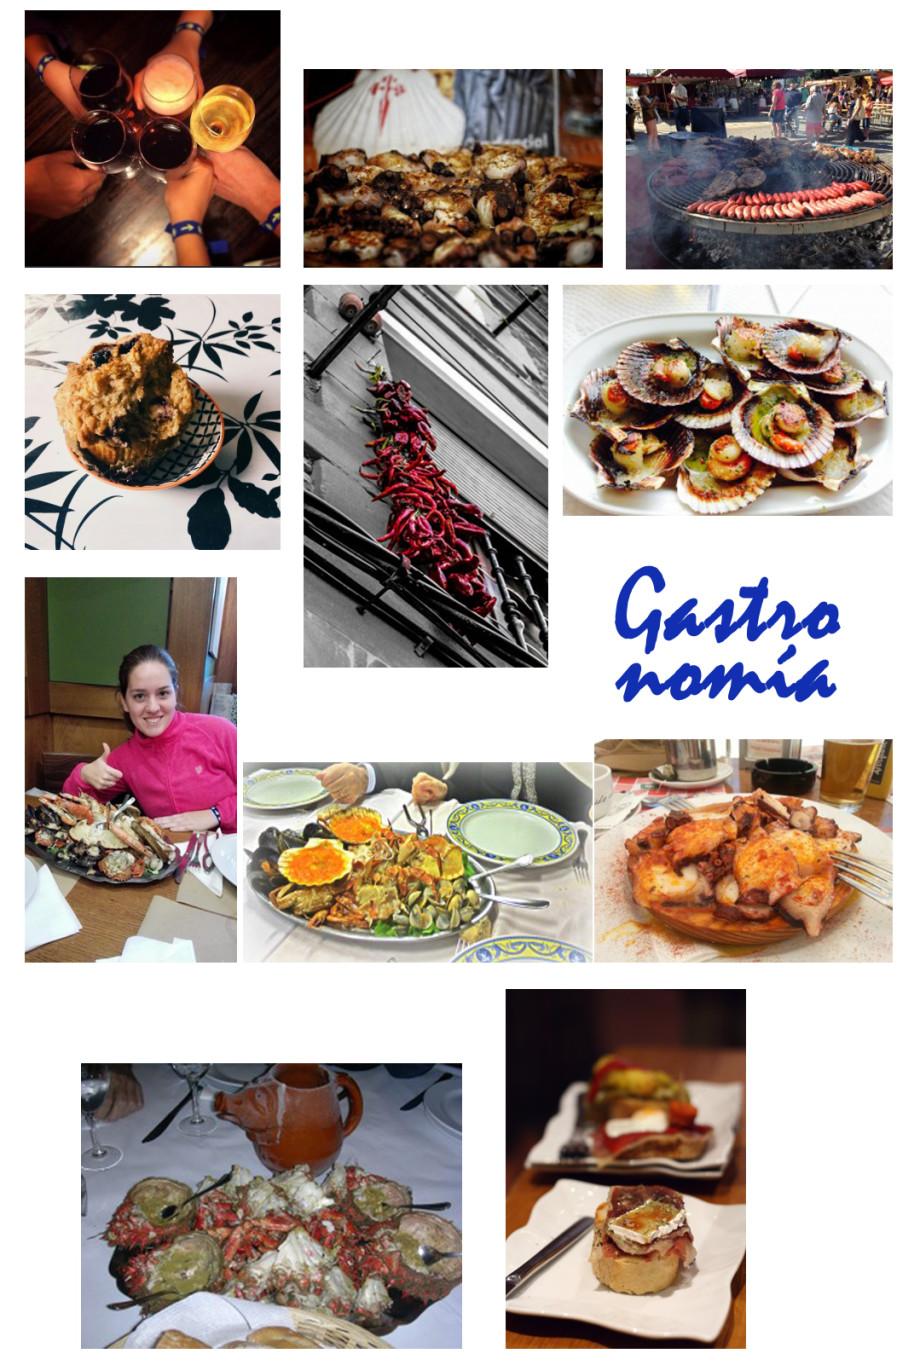 concurso fotografia la magia del camino categoria gastronomia